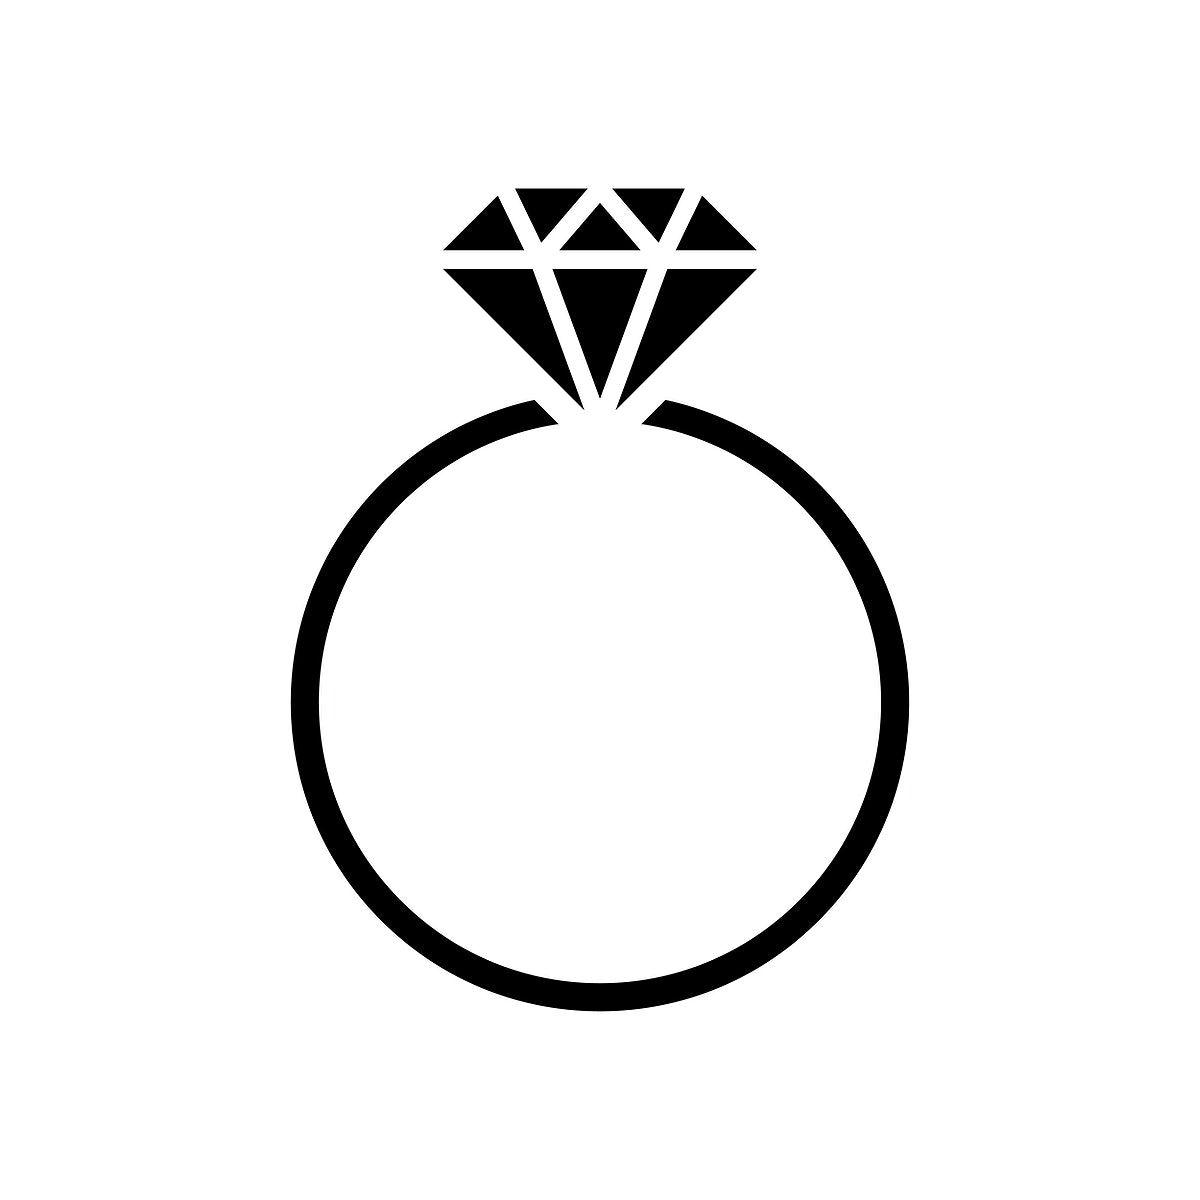 Diamond Wedding Ring Graphic Illustration Free Image By Rawpixel Com Manotang Wedding Ring Graphic Ring Logo Wedding Ring Logo